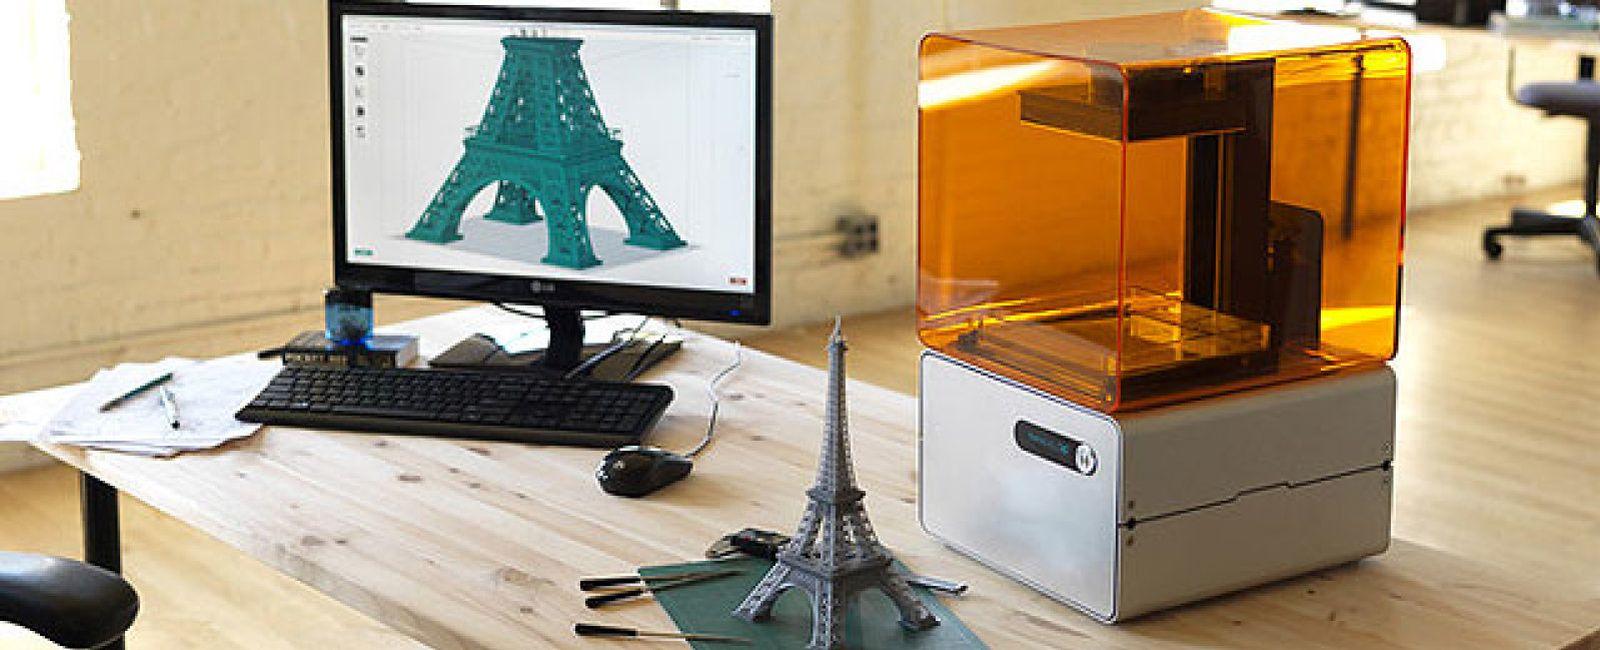 El Crowdfunding Impulsa La Primera Impresora 3d Asequible